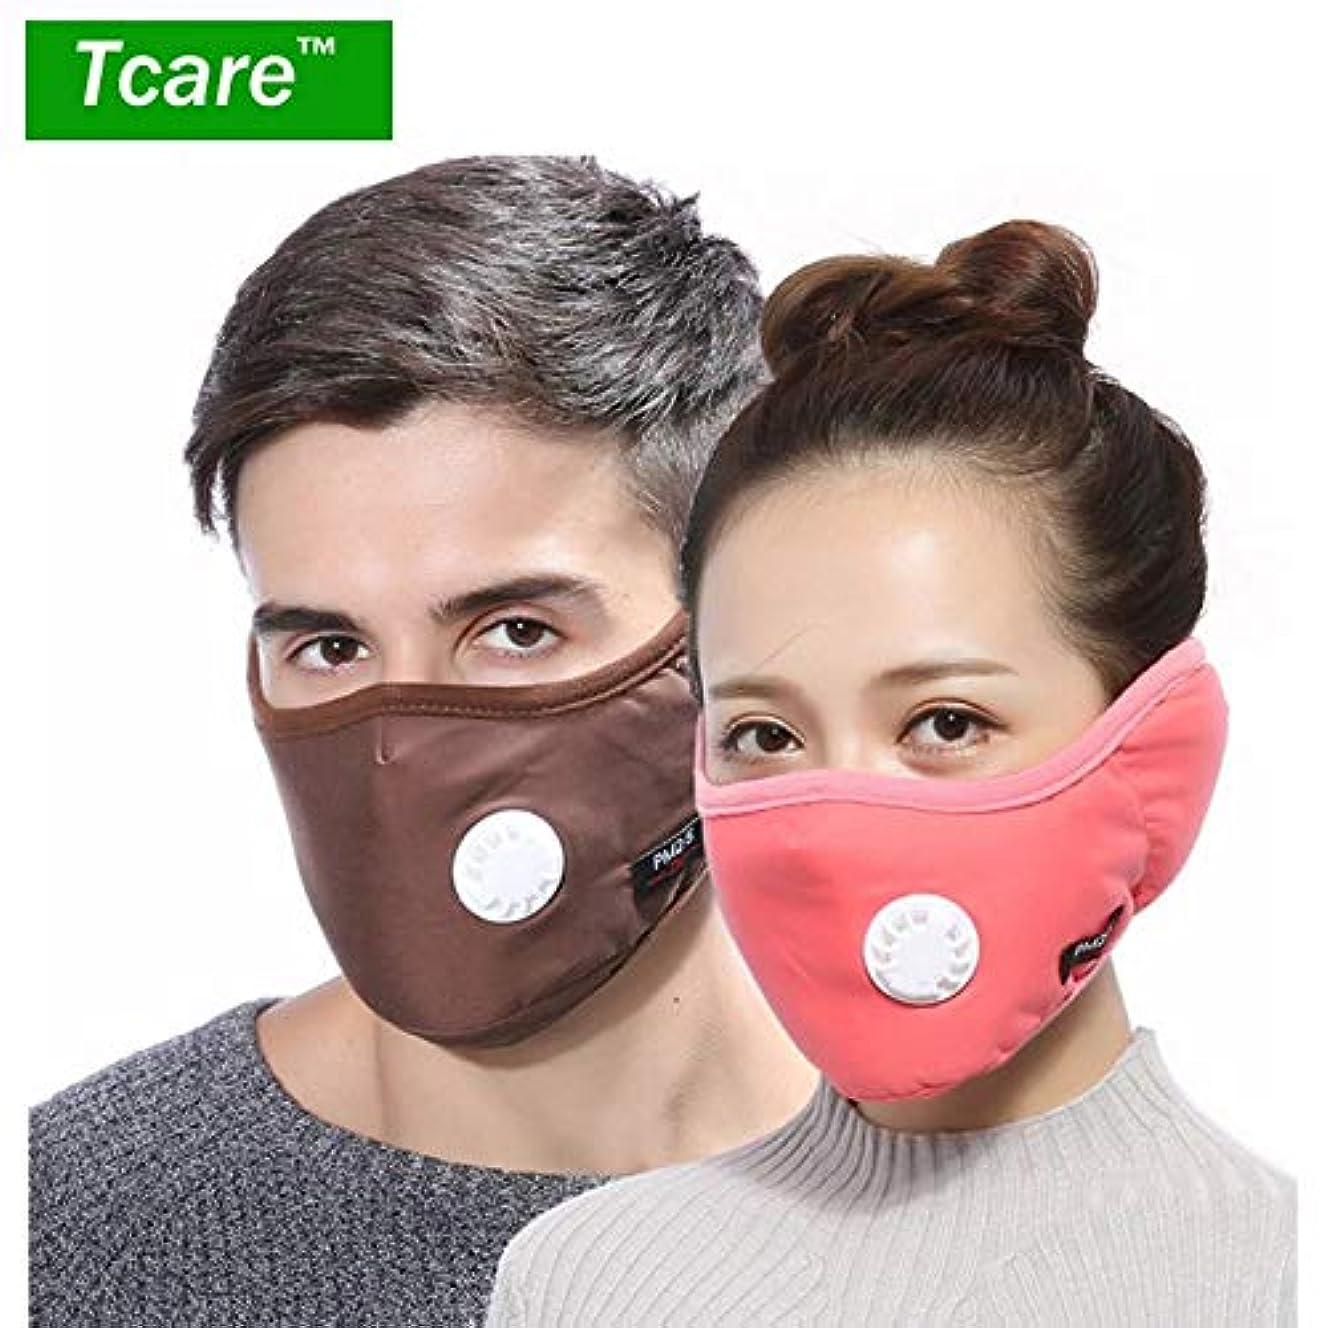 誠意十分ペチュランス5ブラウン:1枚のPM2.5マスクバルブコットンアンチダスト口マスク冬のイヤーマフActtedフィルター付マスクでTcare 2